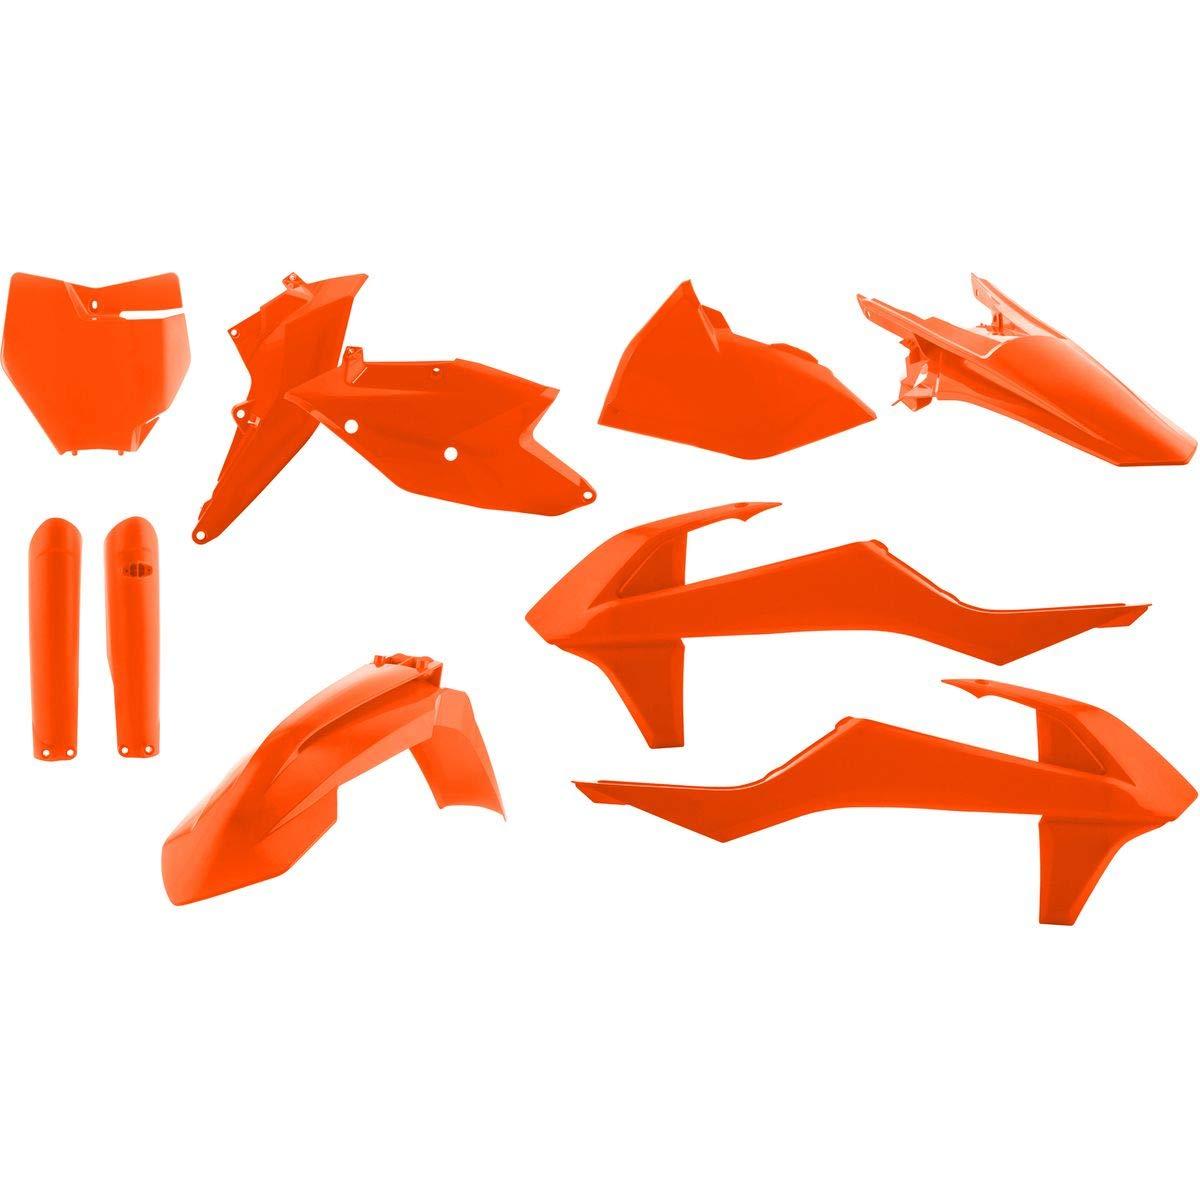 16+ Orange Acerbis 17-18 KTM 250SX Full Plastic Kit